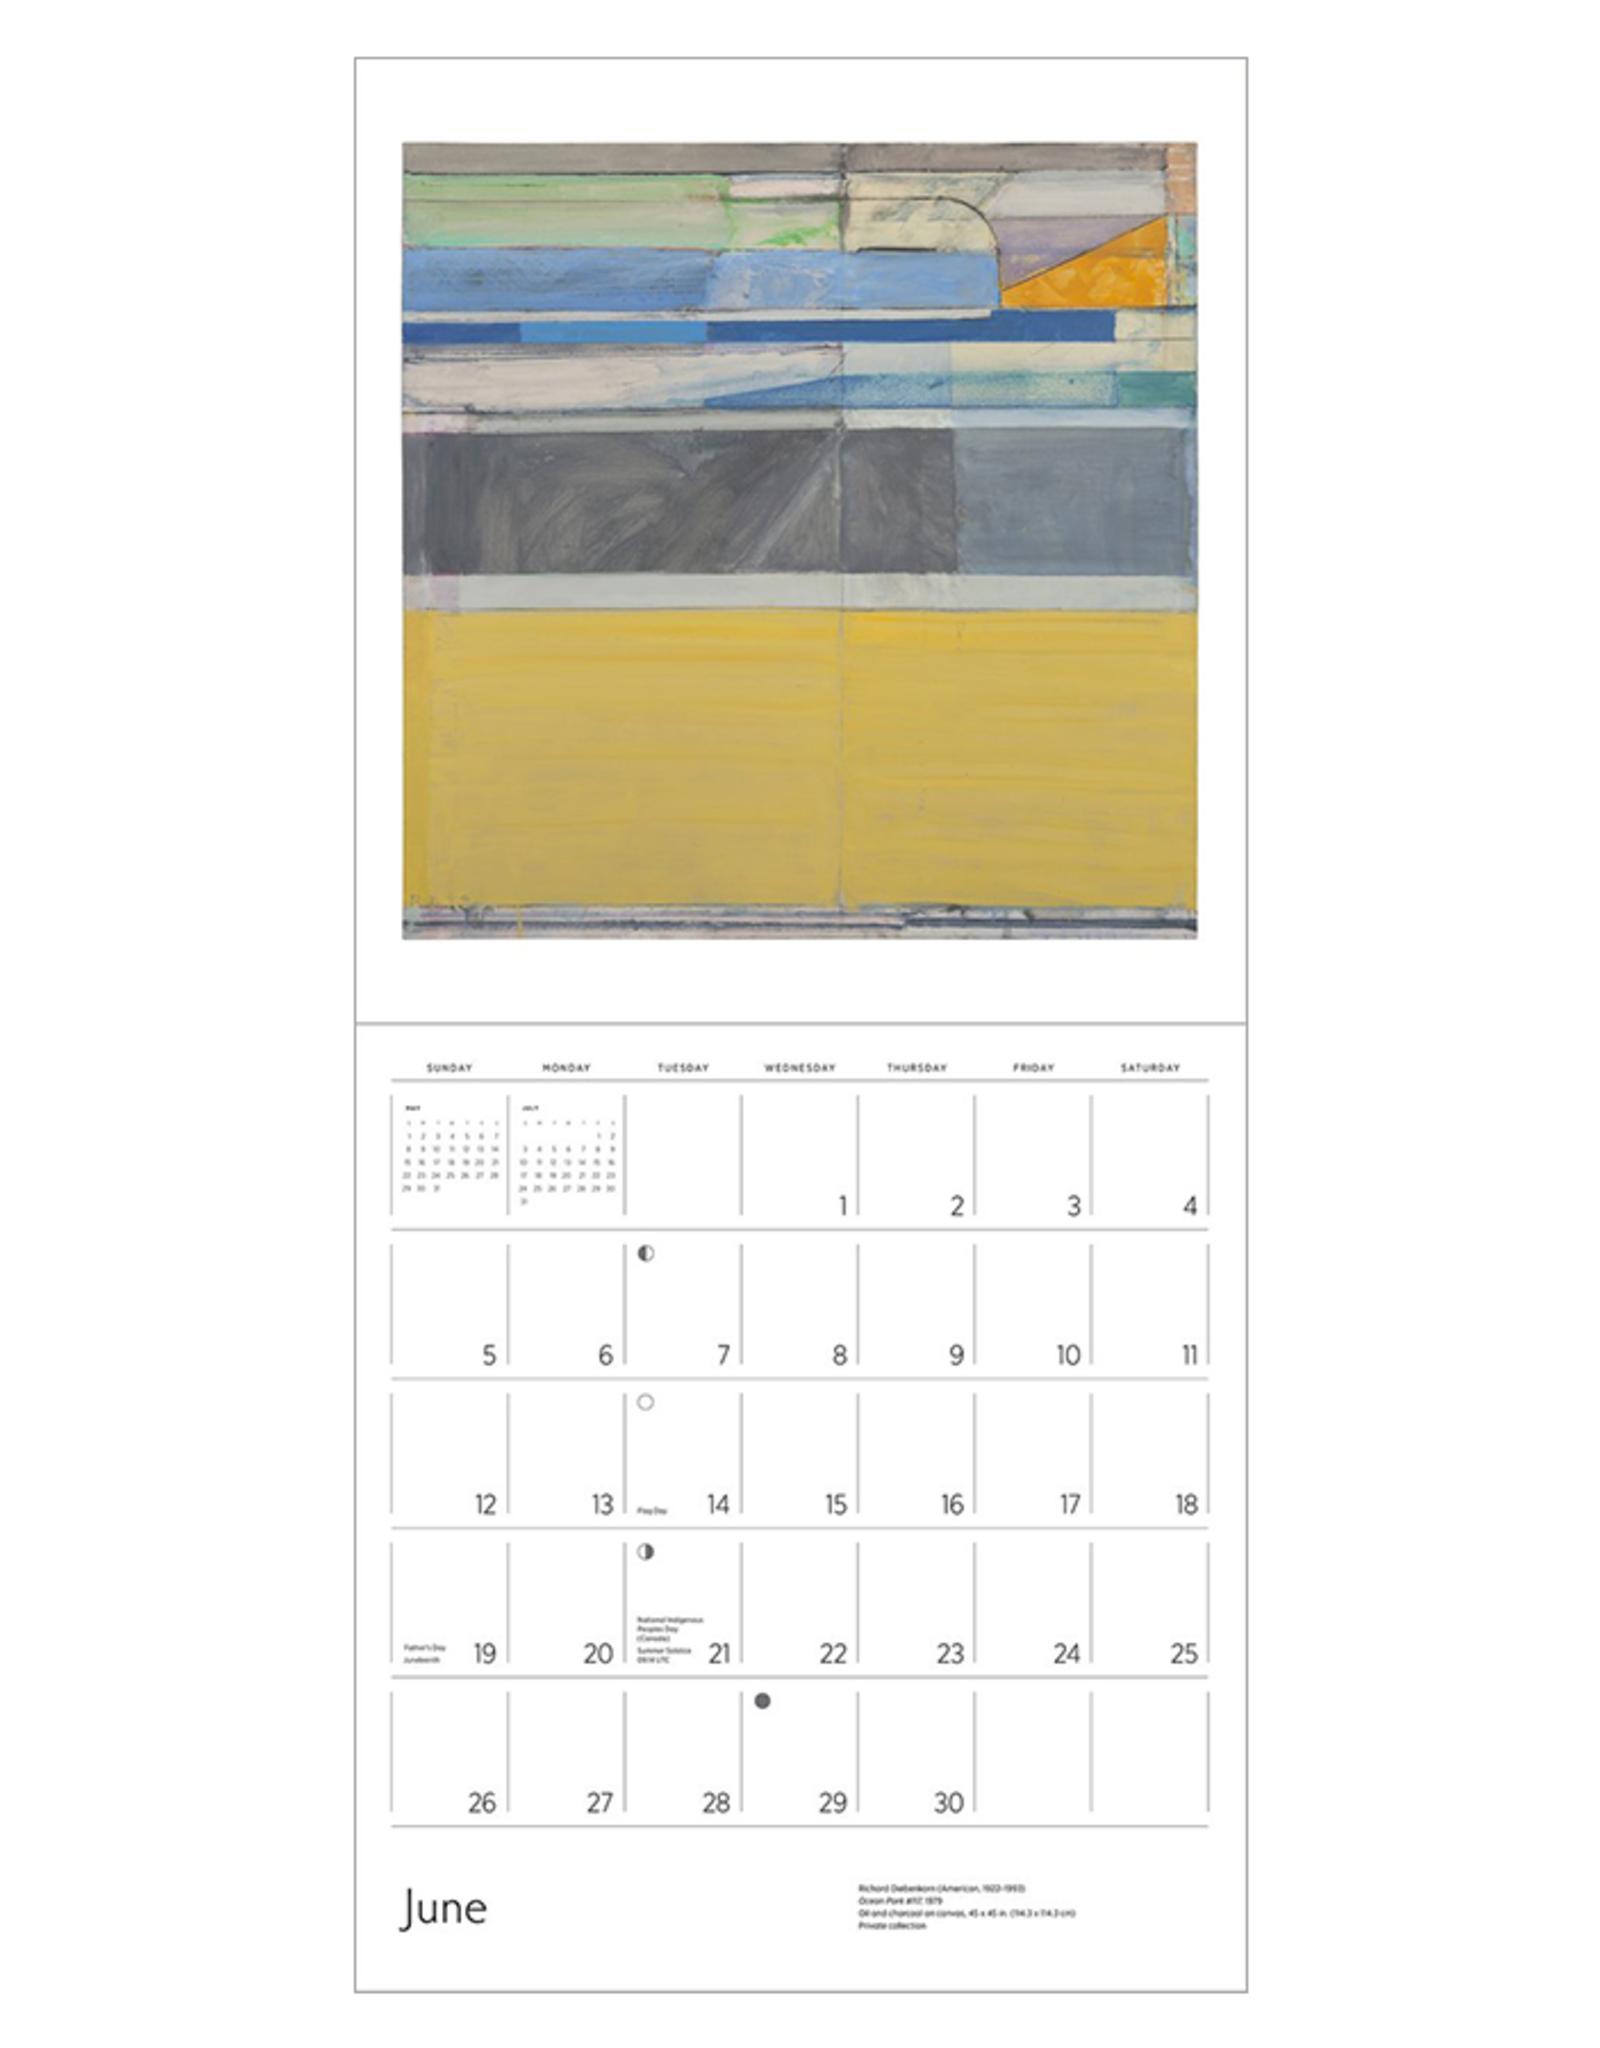 Richard Diebenkorn: Ocean Park 2022 Wall Calendar